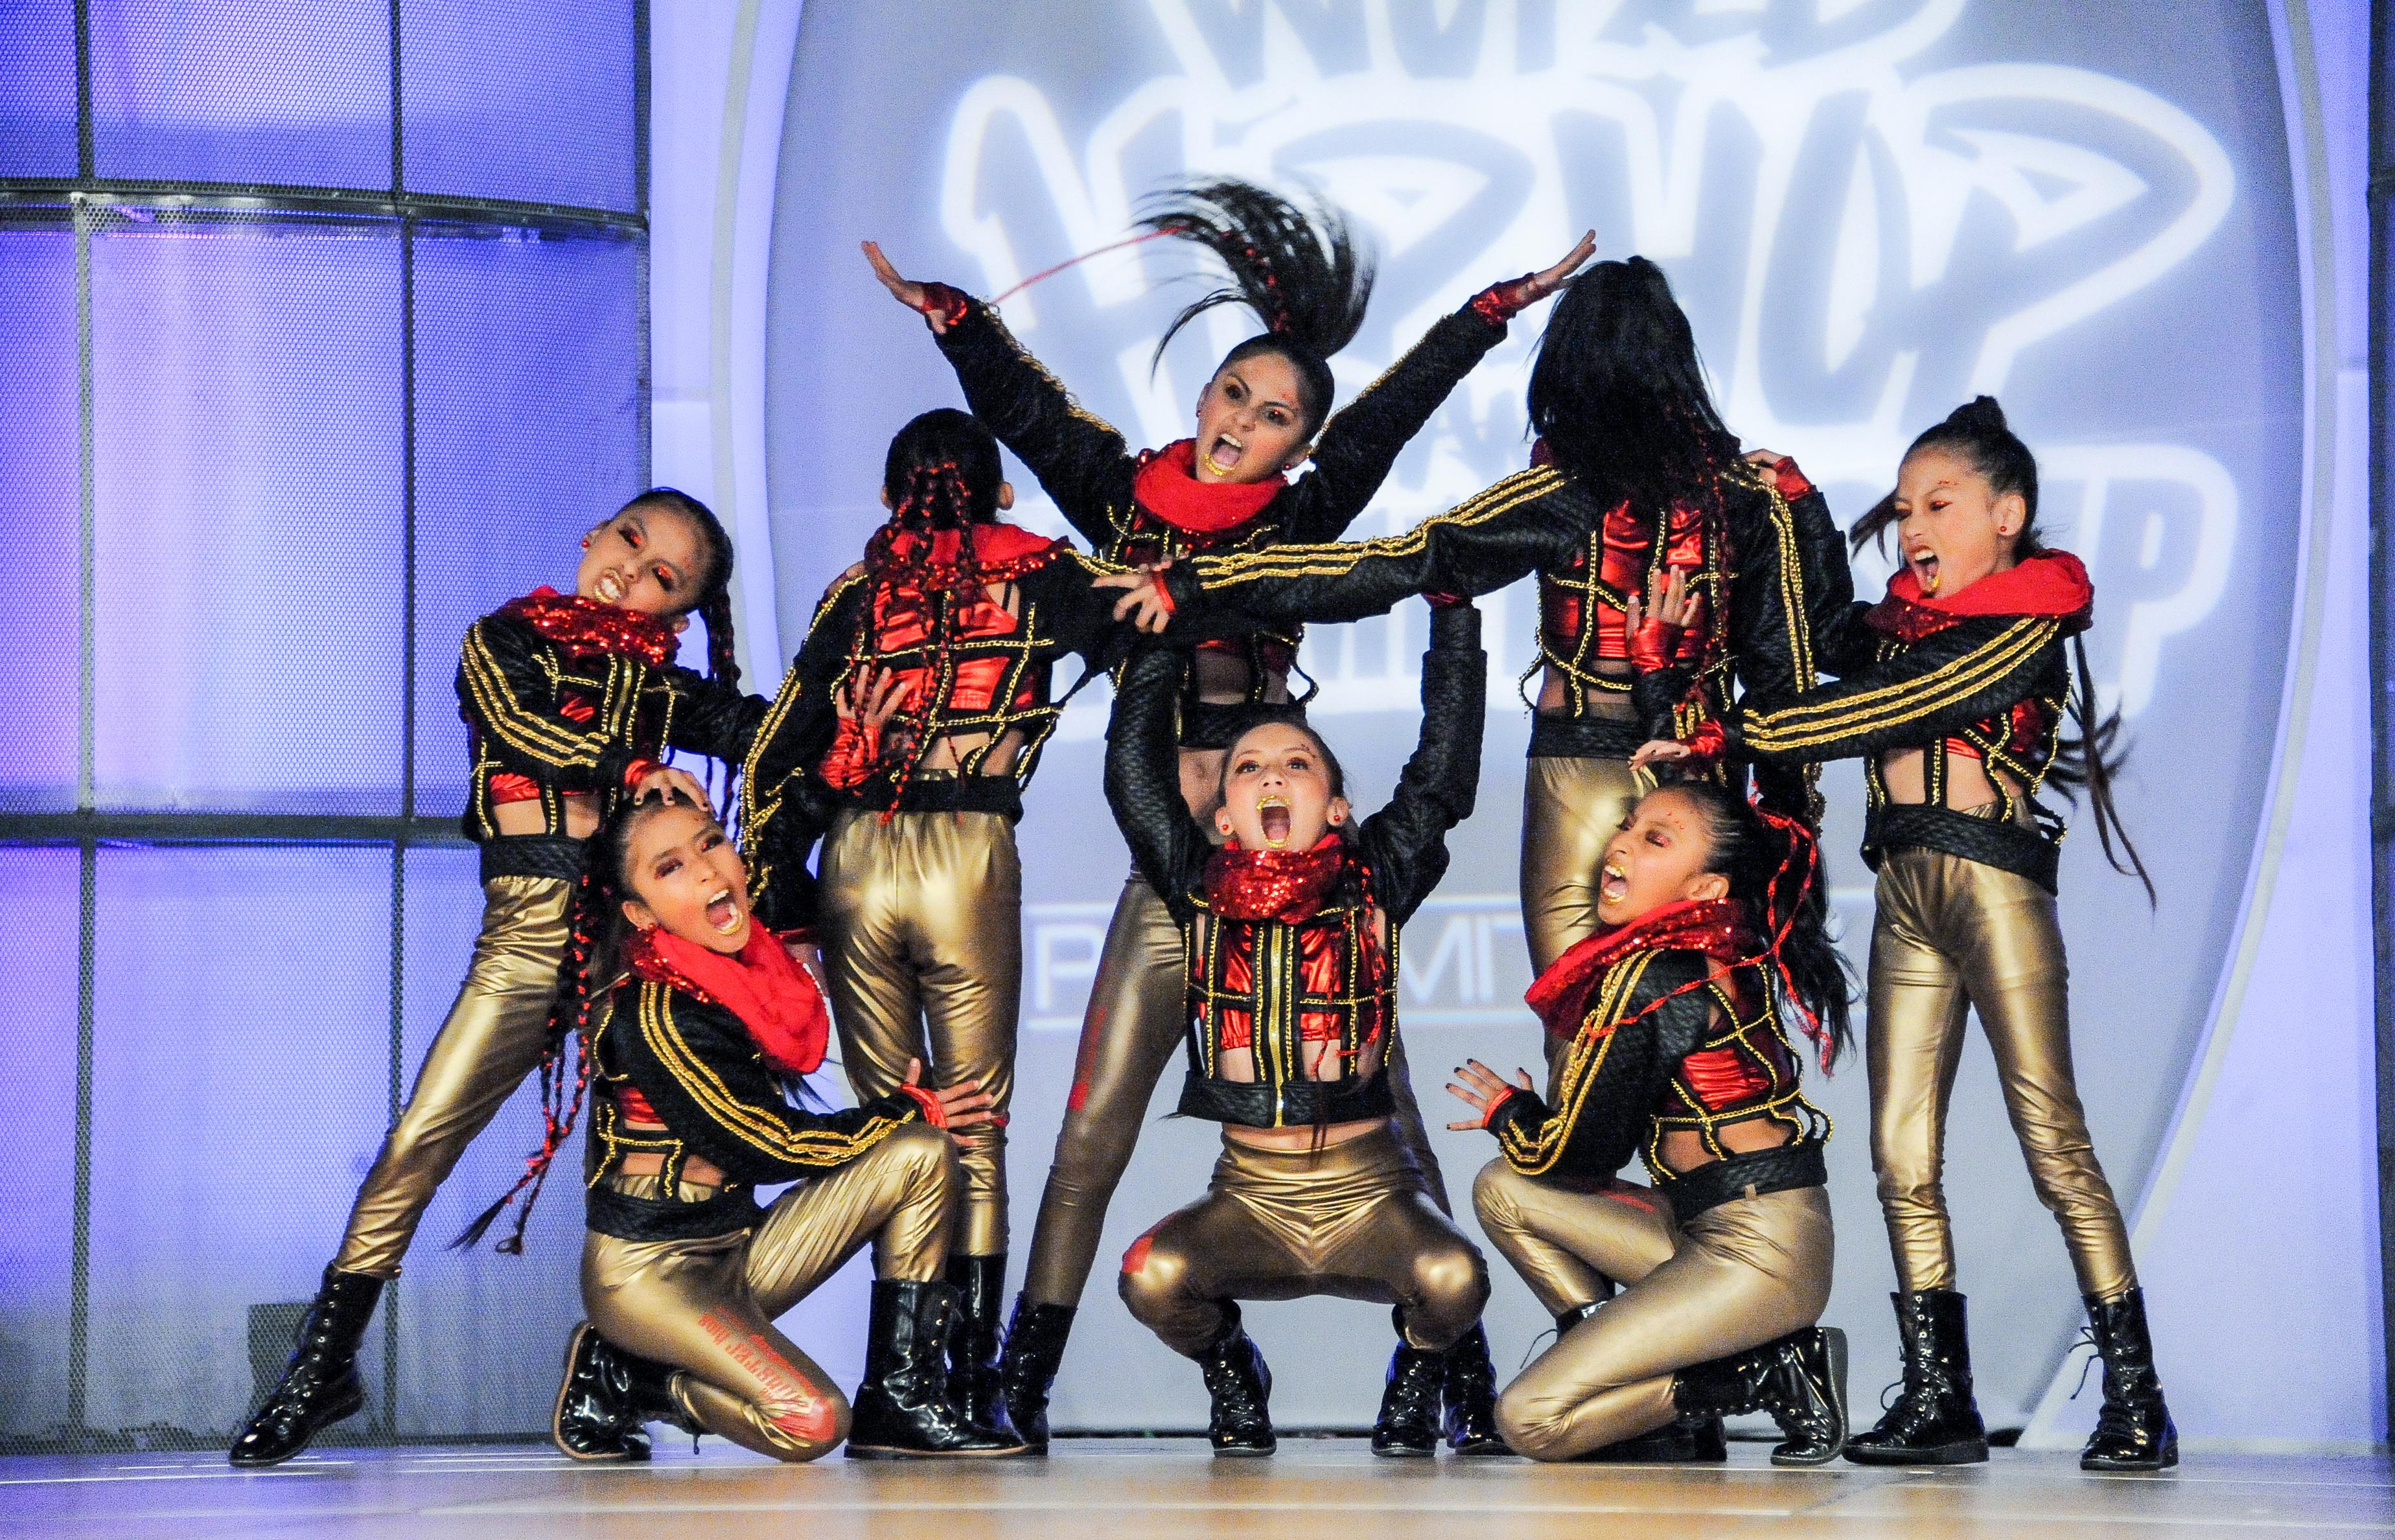 Ecuador - DanceStep - Junior